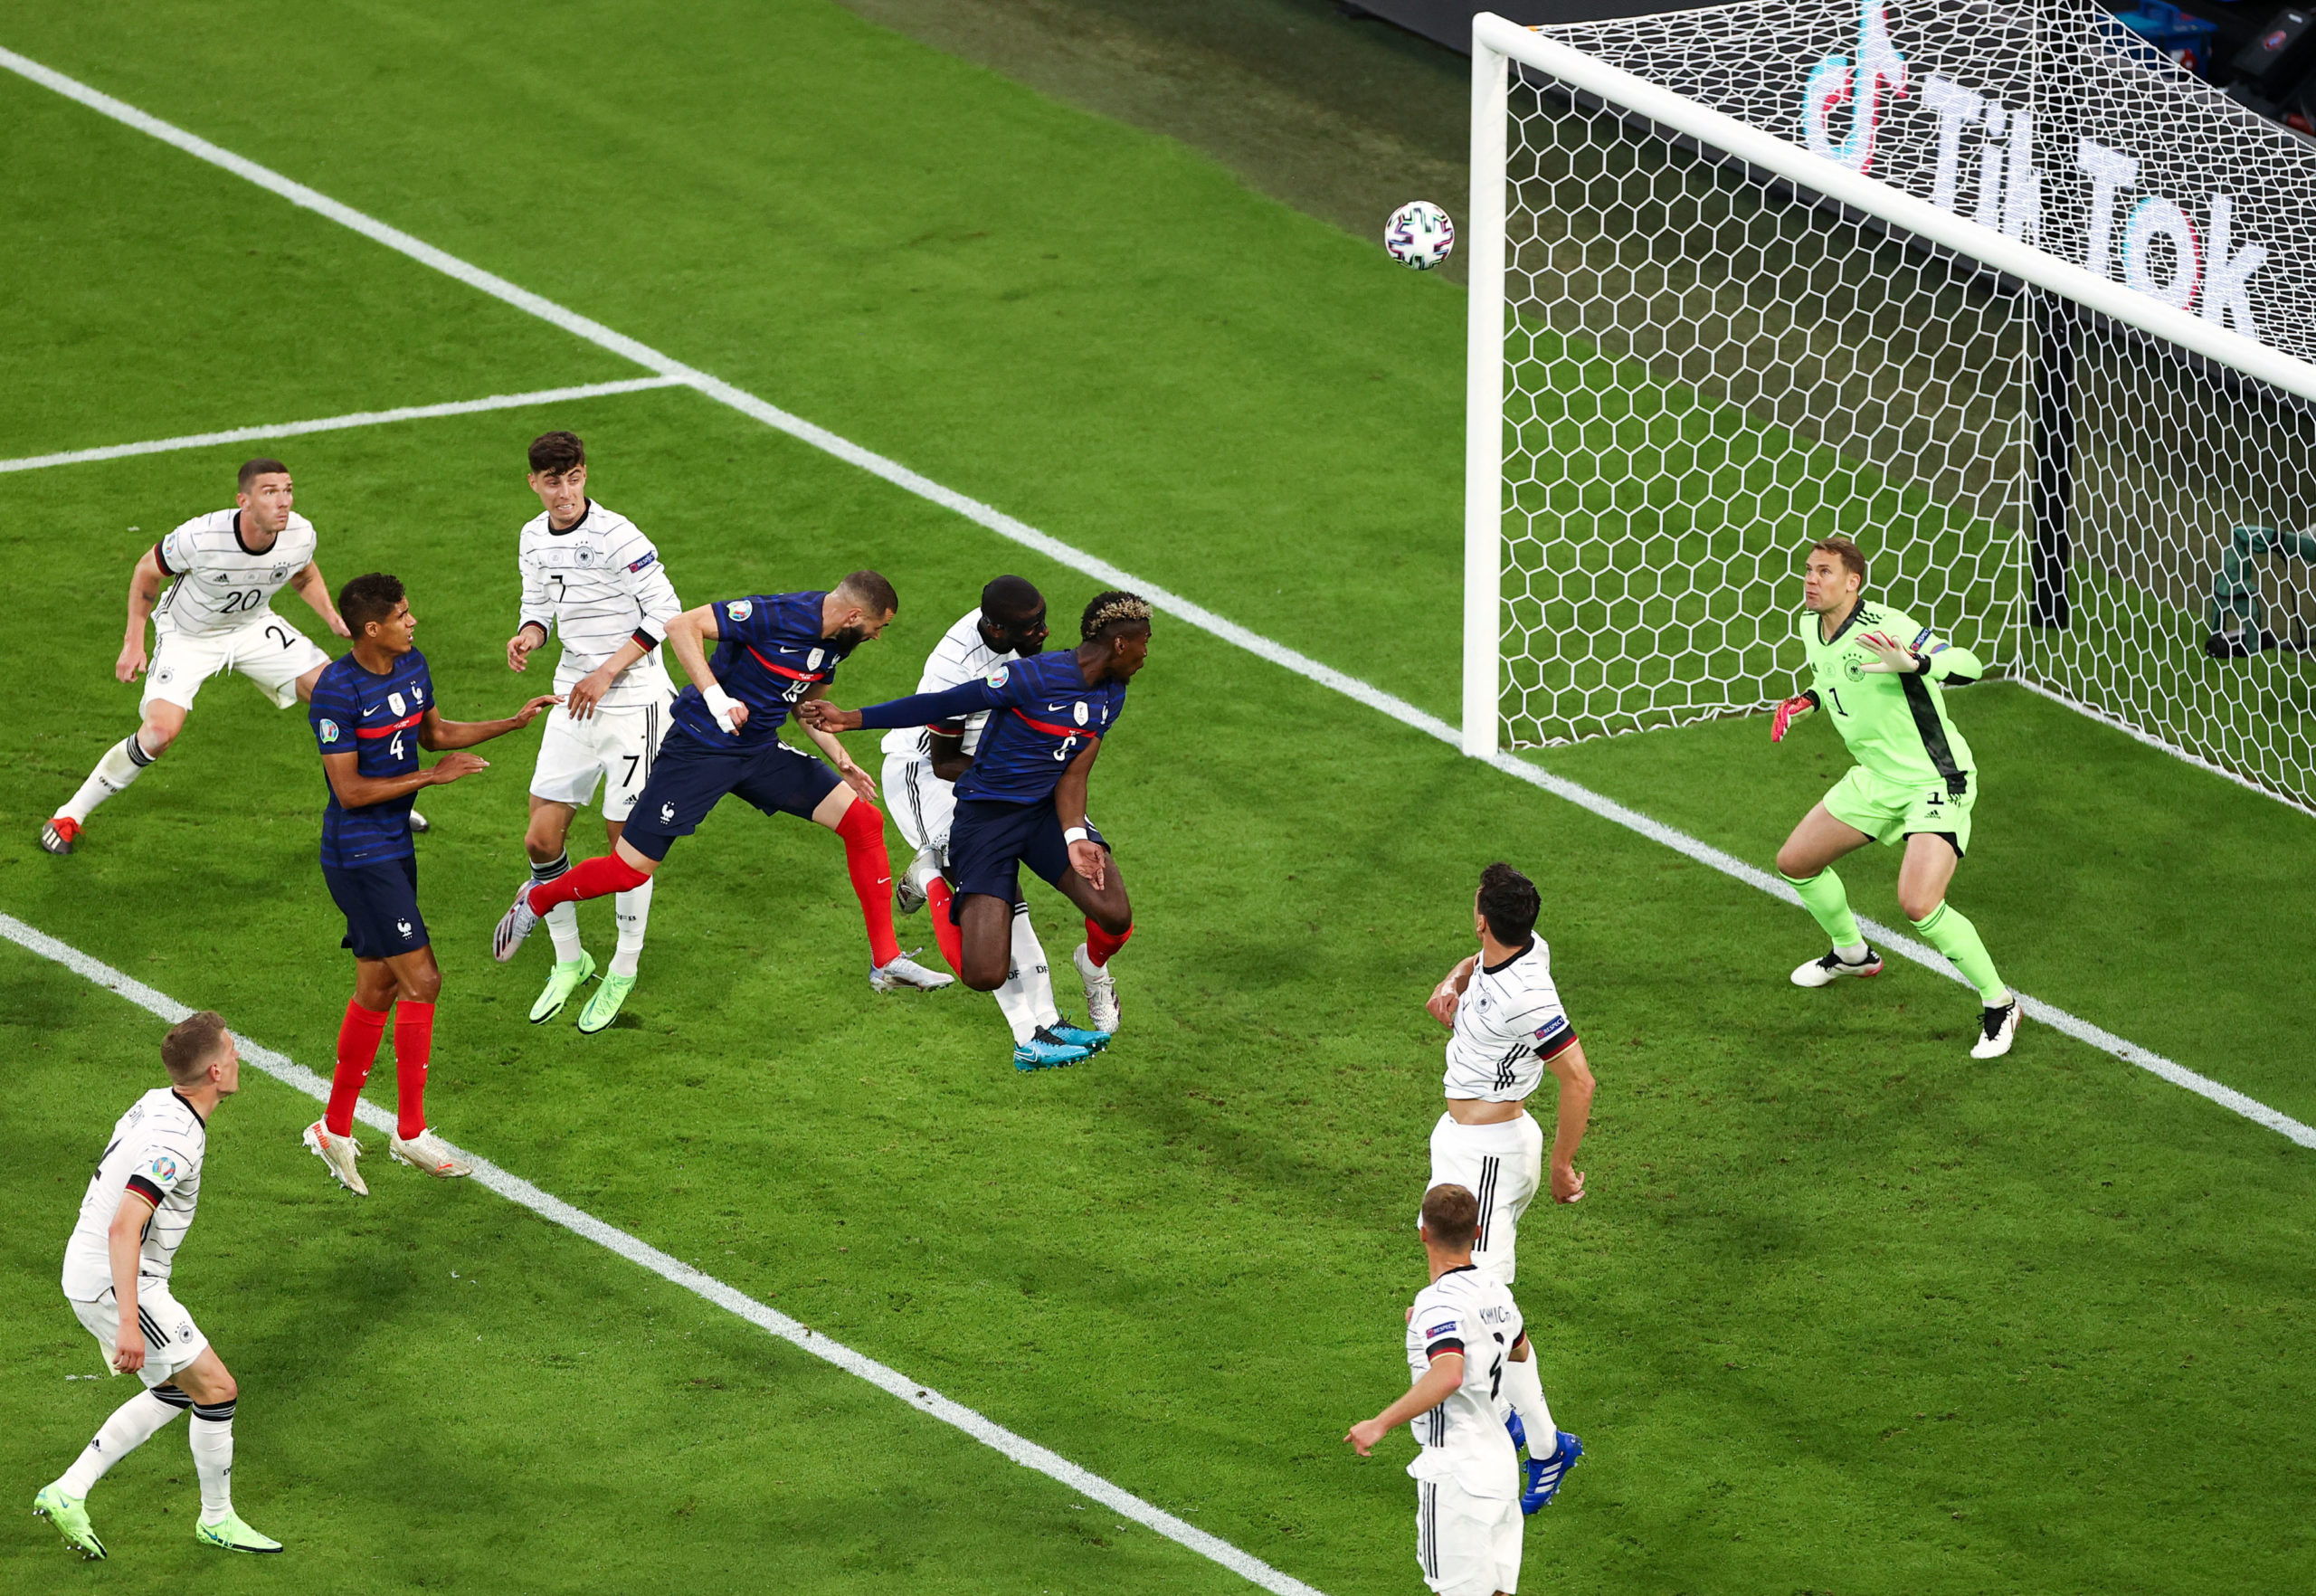 Allemagne/France - Le résumé vidéo et but de la rencontre